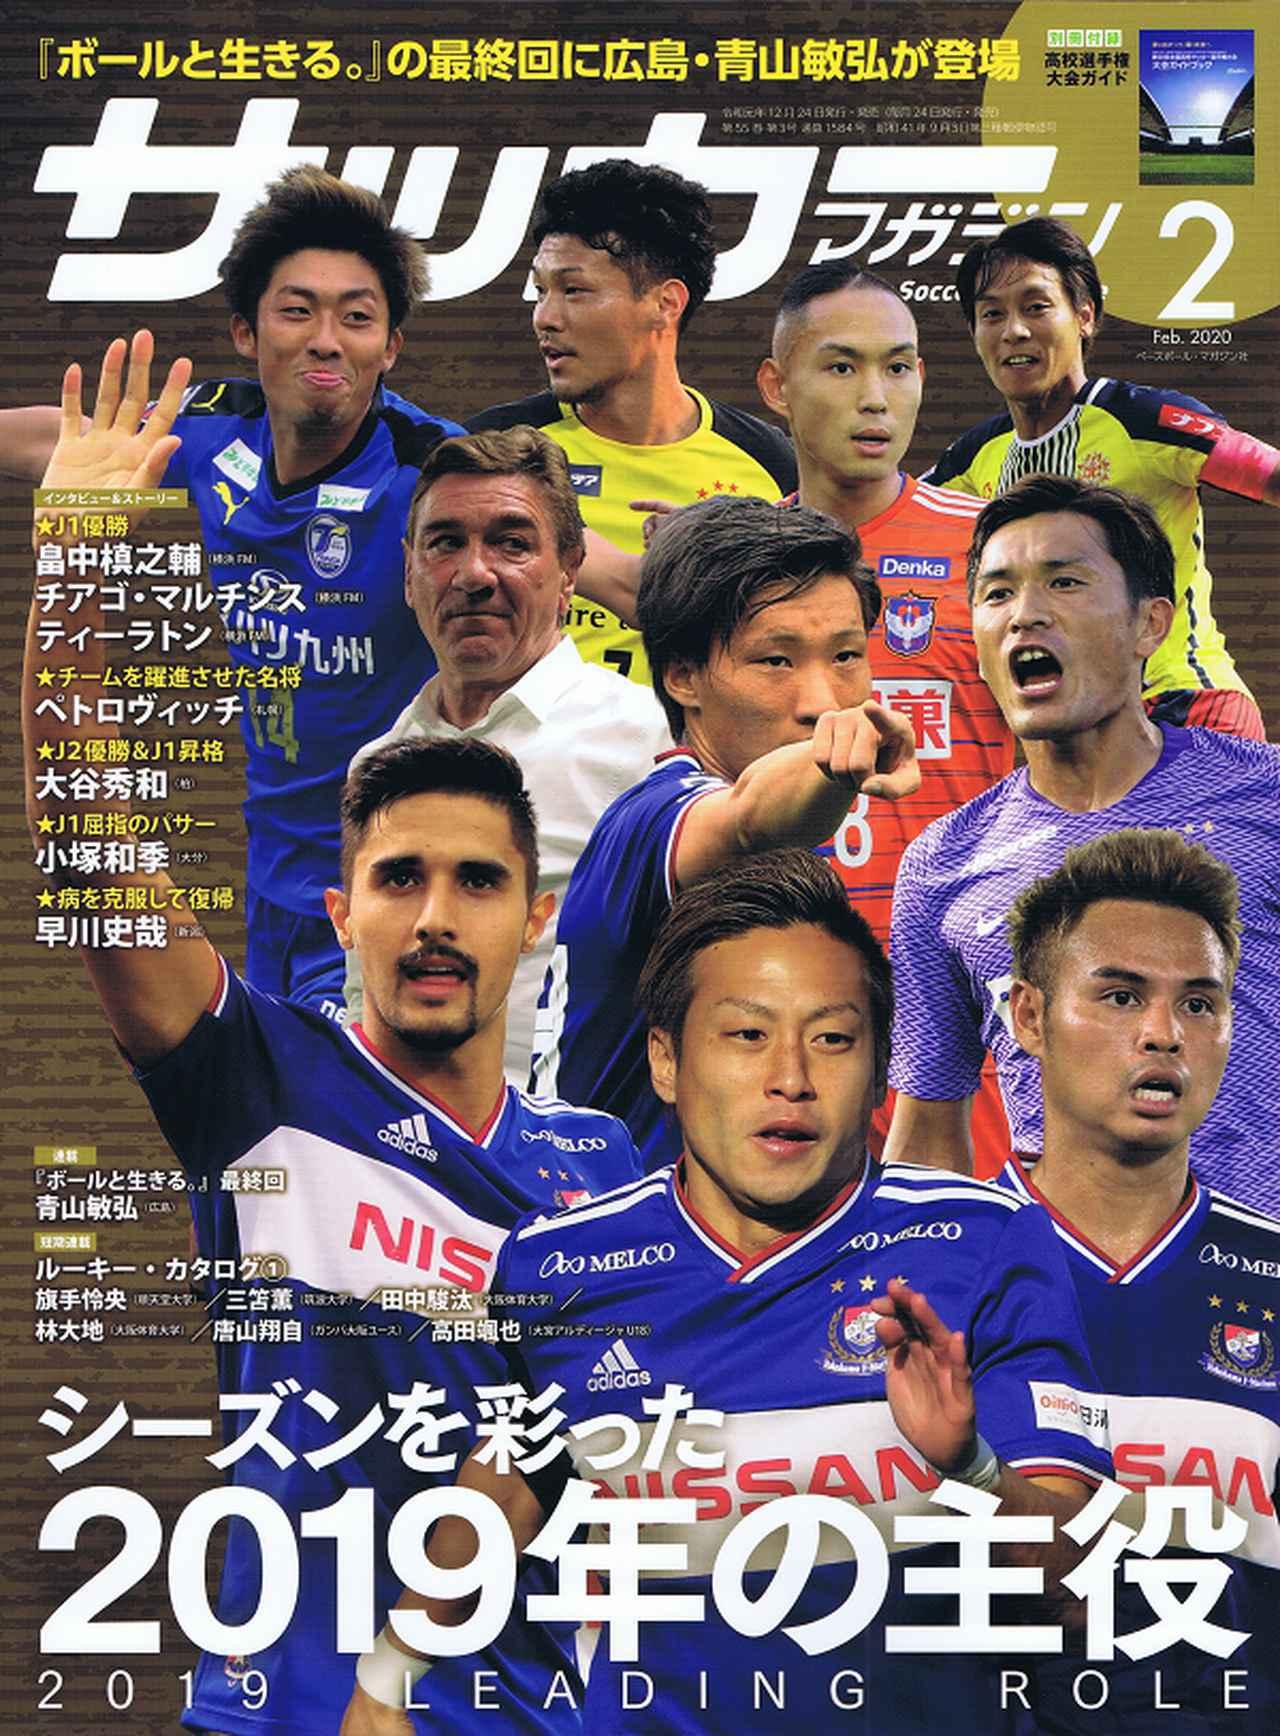 画像: サッカーマガジン 2月号 - ベースボール・マガジン社WEB